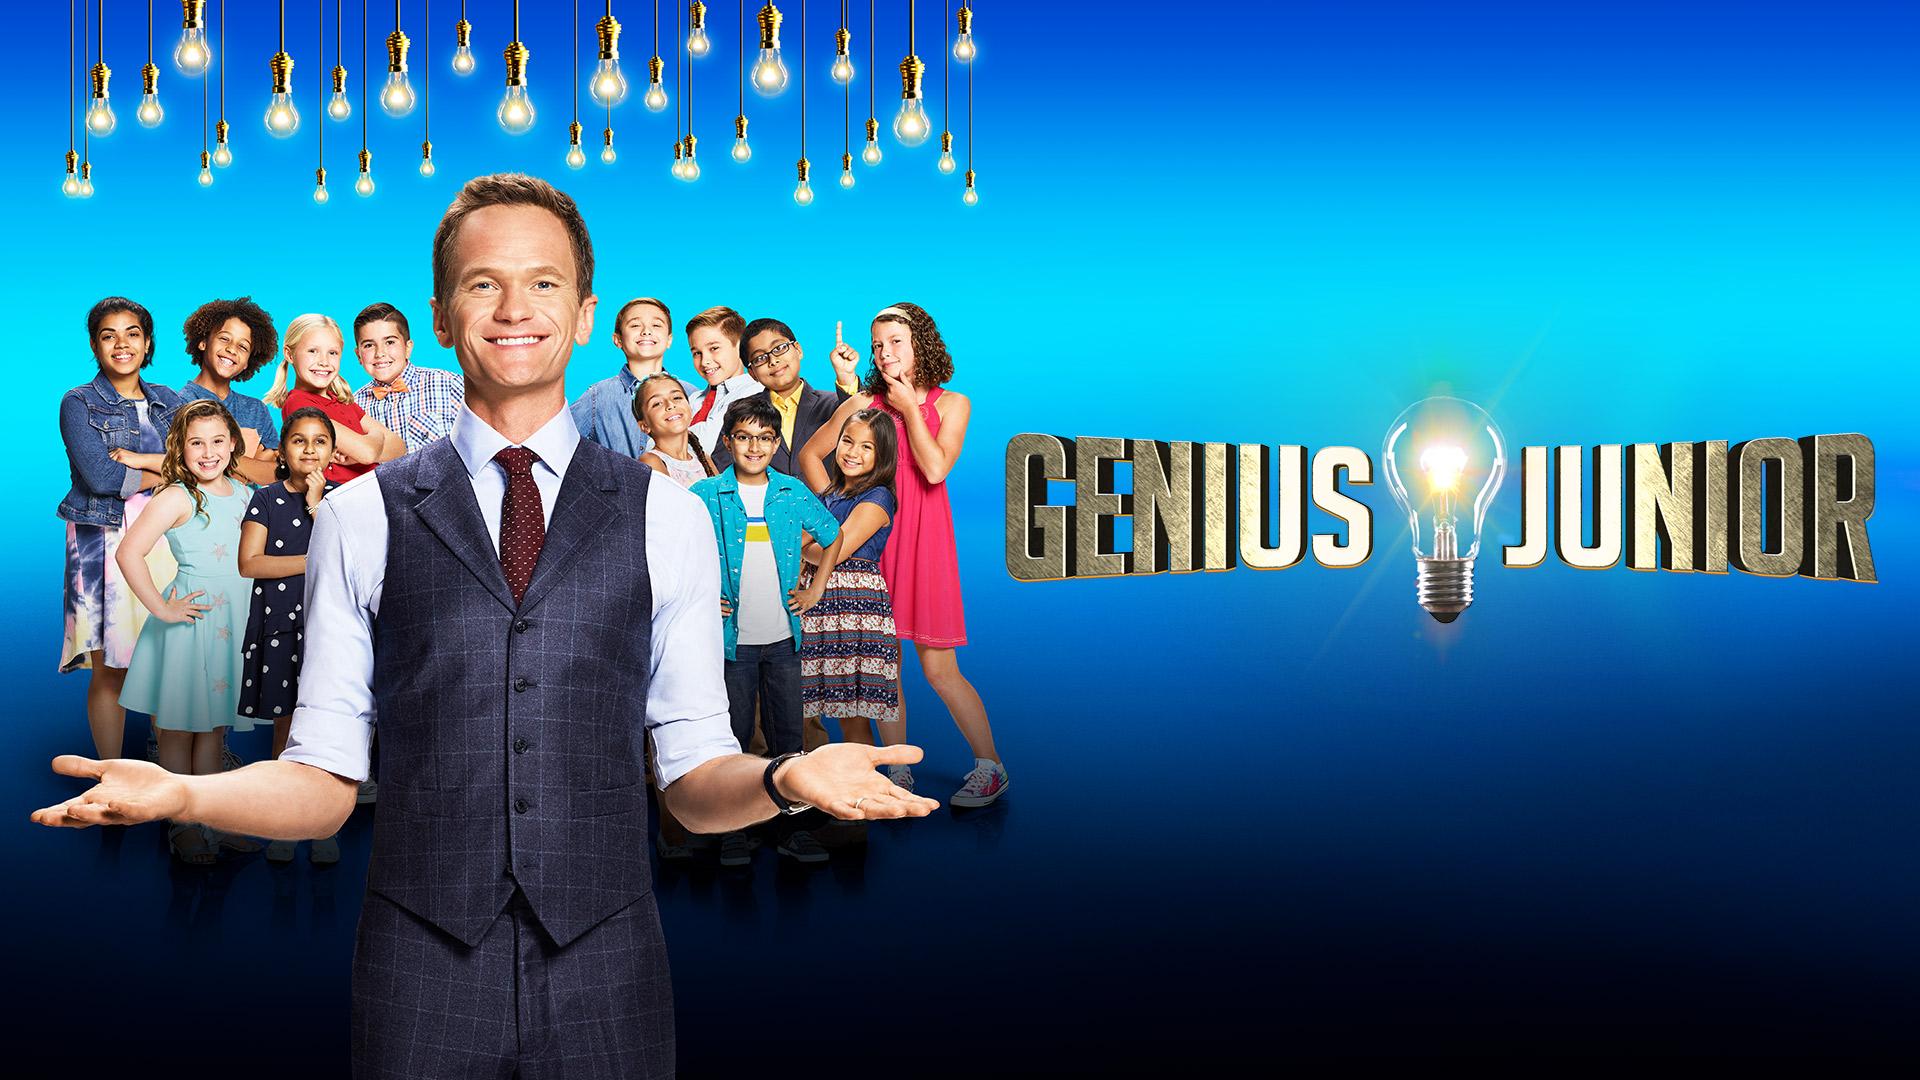 Watch Genius Junior - Season 1 Episode 5 : Craniums and